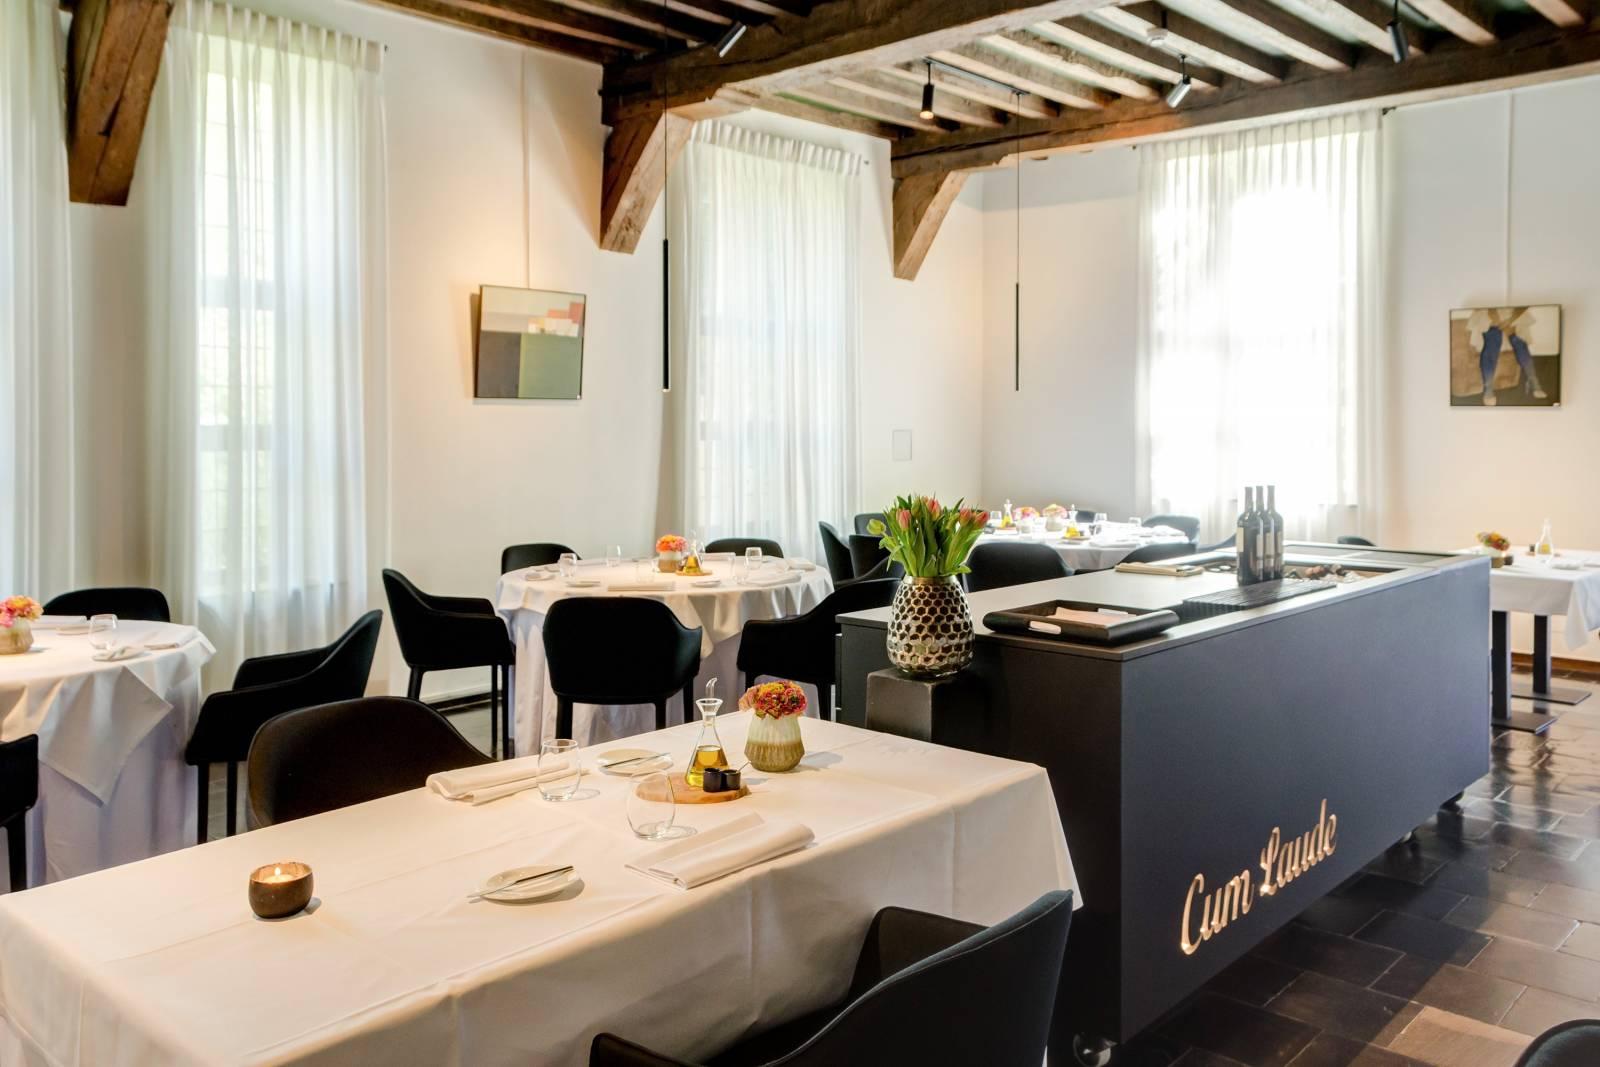 Faculty Club - Feestzaal - Feestlocatie - Rustiek - Historisch - Leuven (Vlaams-Brabant) - House of Events - 38